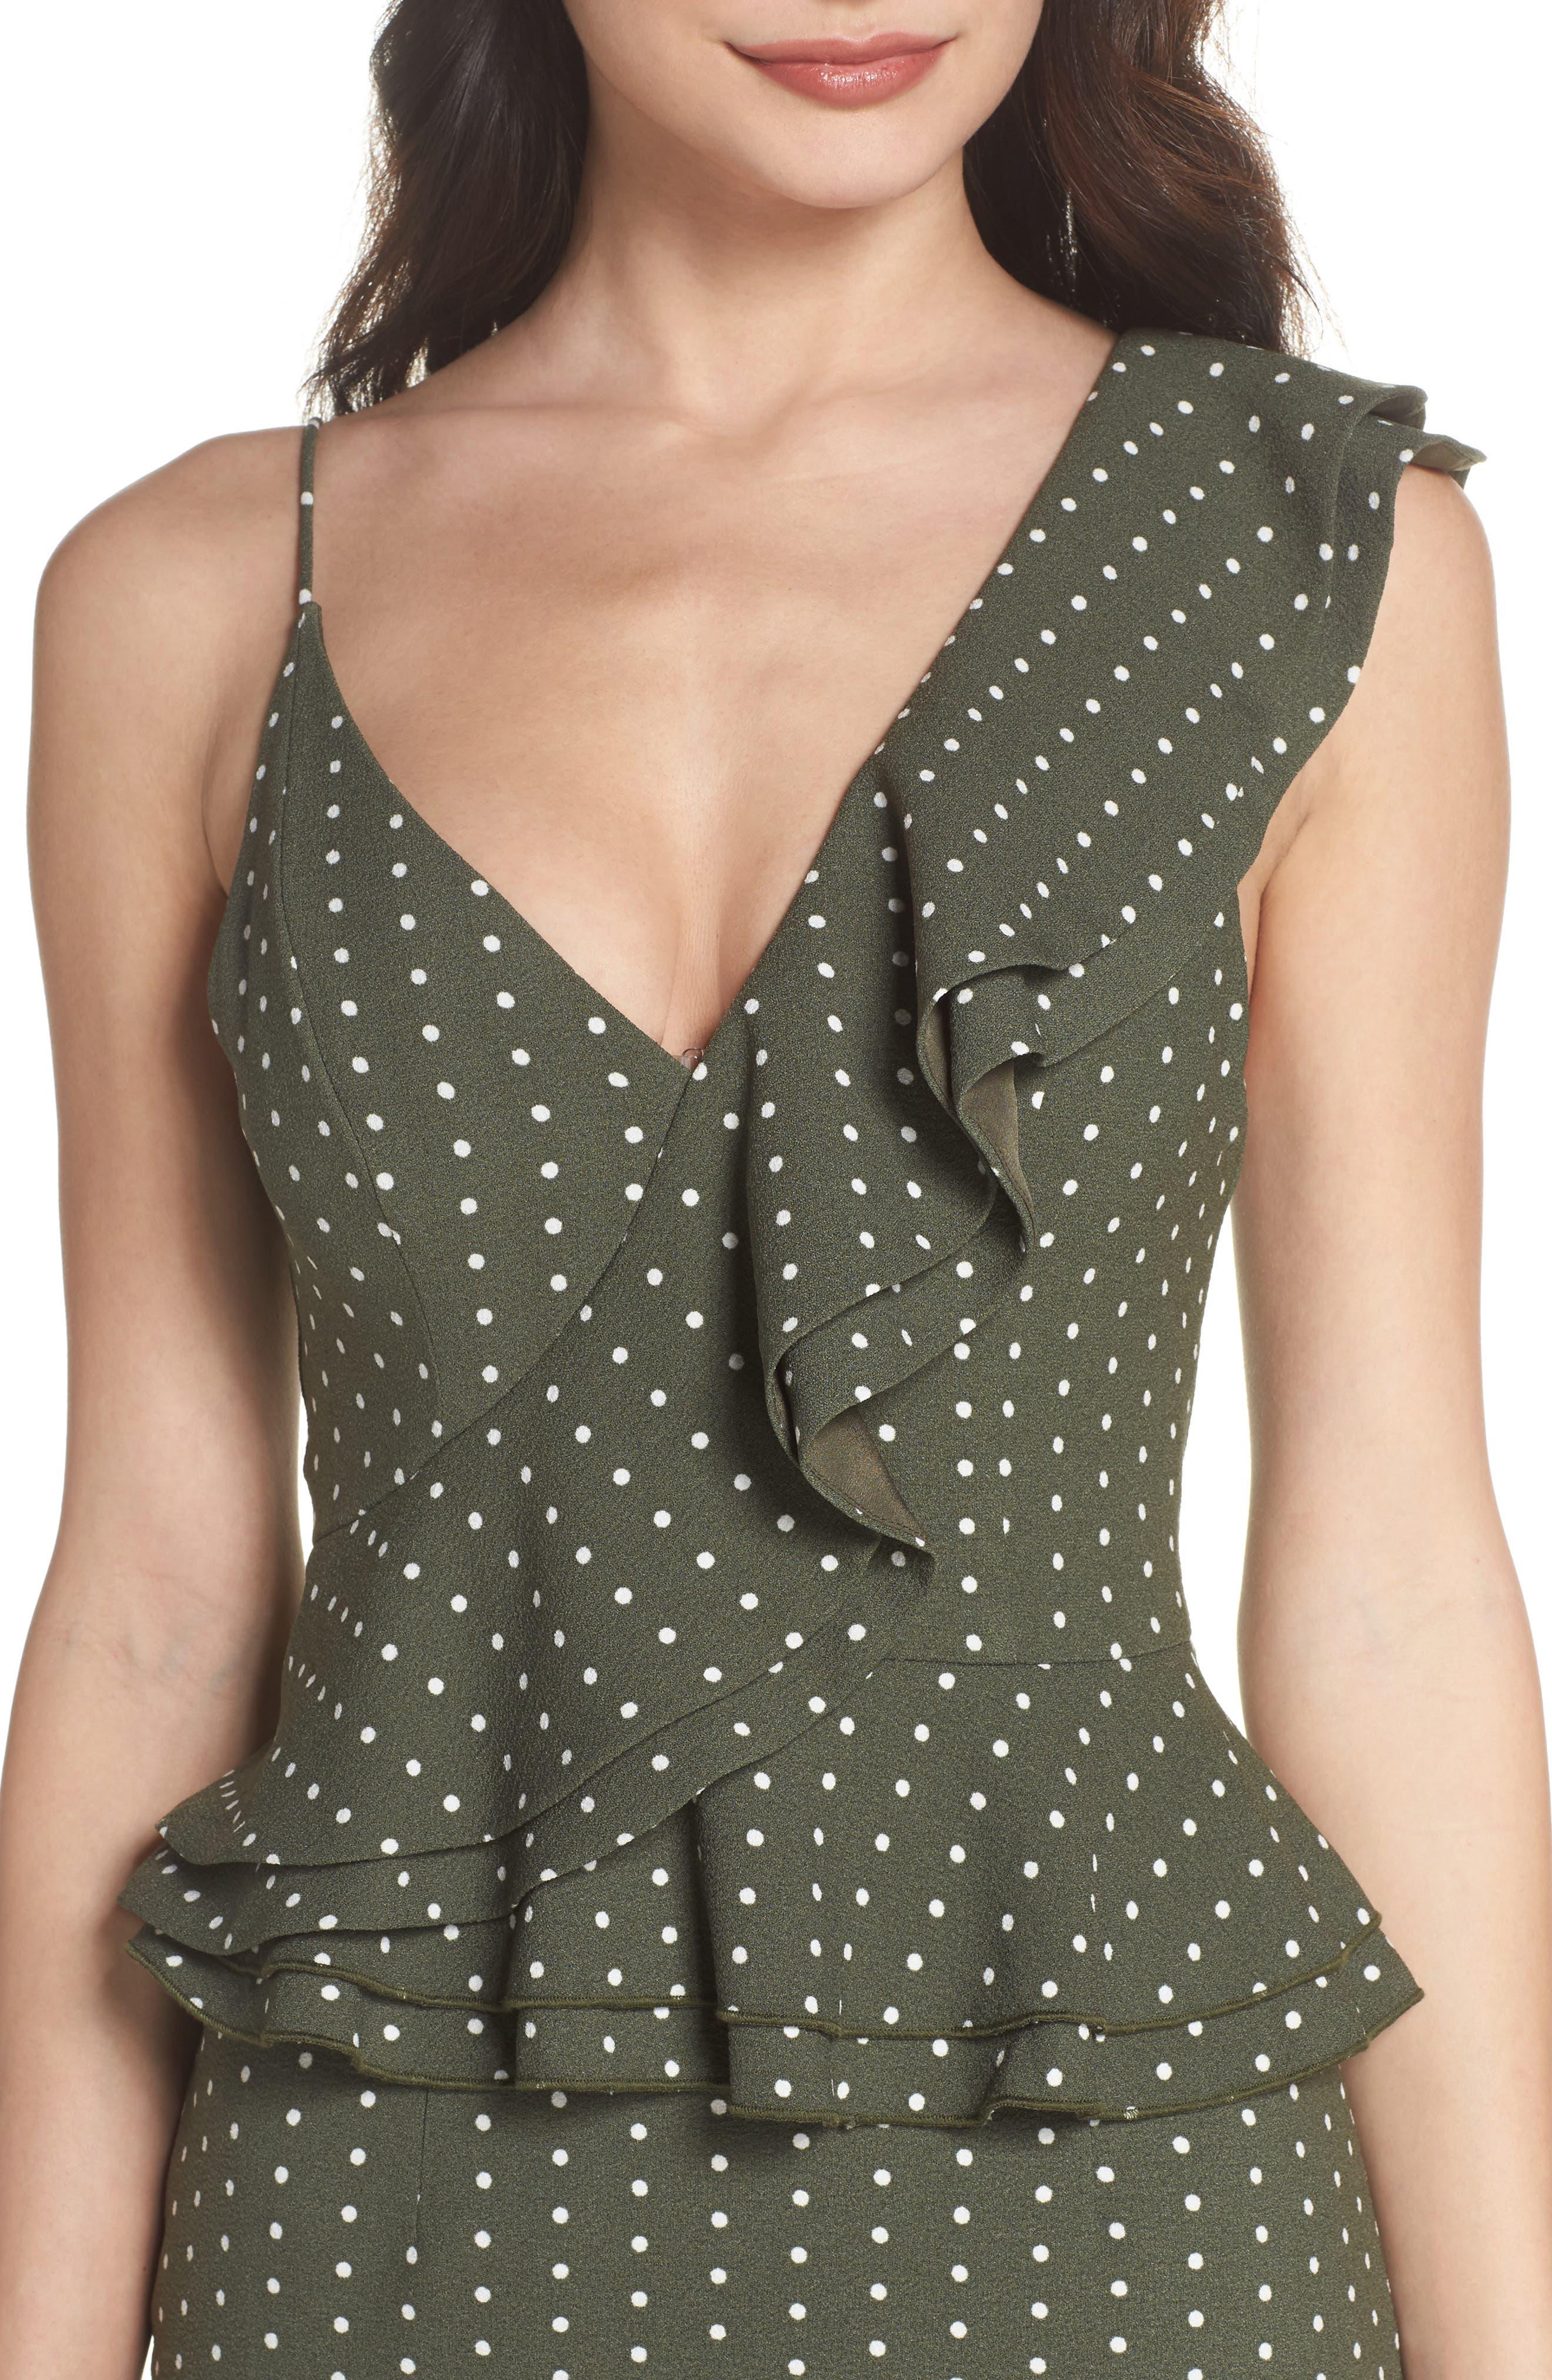 Entice Dot Ruffle Trim Dress,                             Alternate thumbnail 4, color,                             Khaki W Ivory Spot